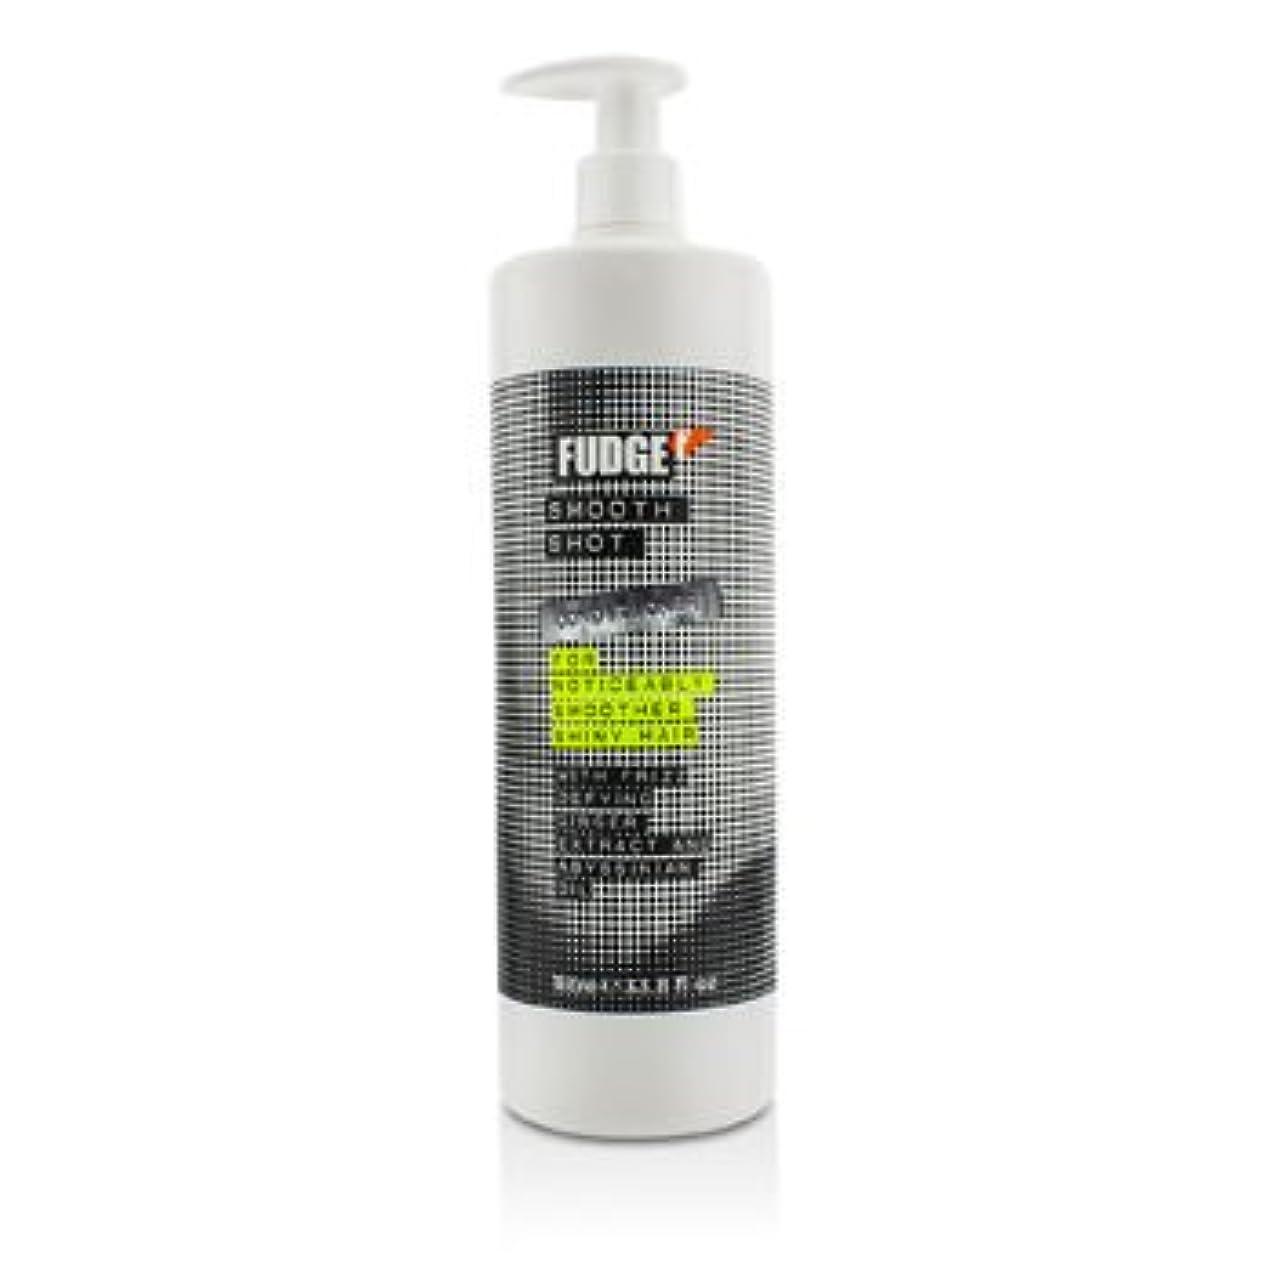 誇張船外ハンディ[Fudge] Smooth Shot Conditioner (For Noticeably Smoother Shiny Hair) 1000ml/33.8oz